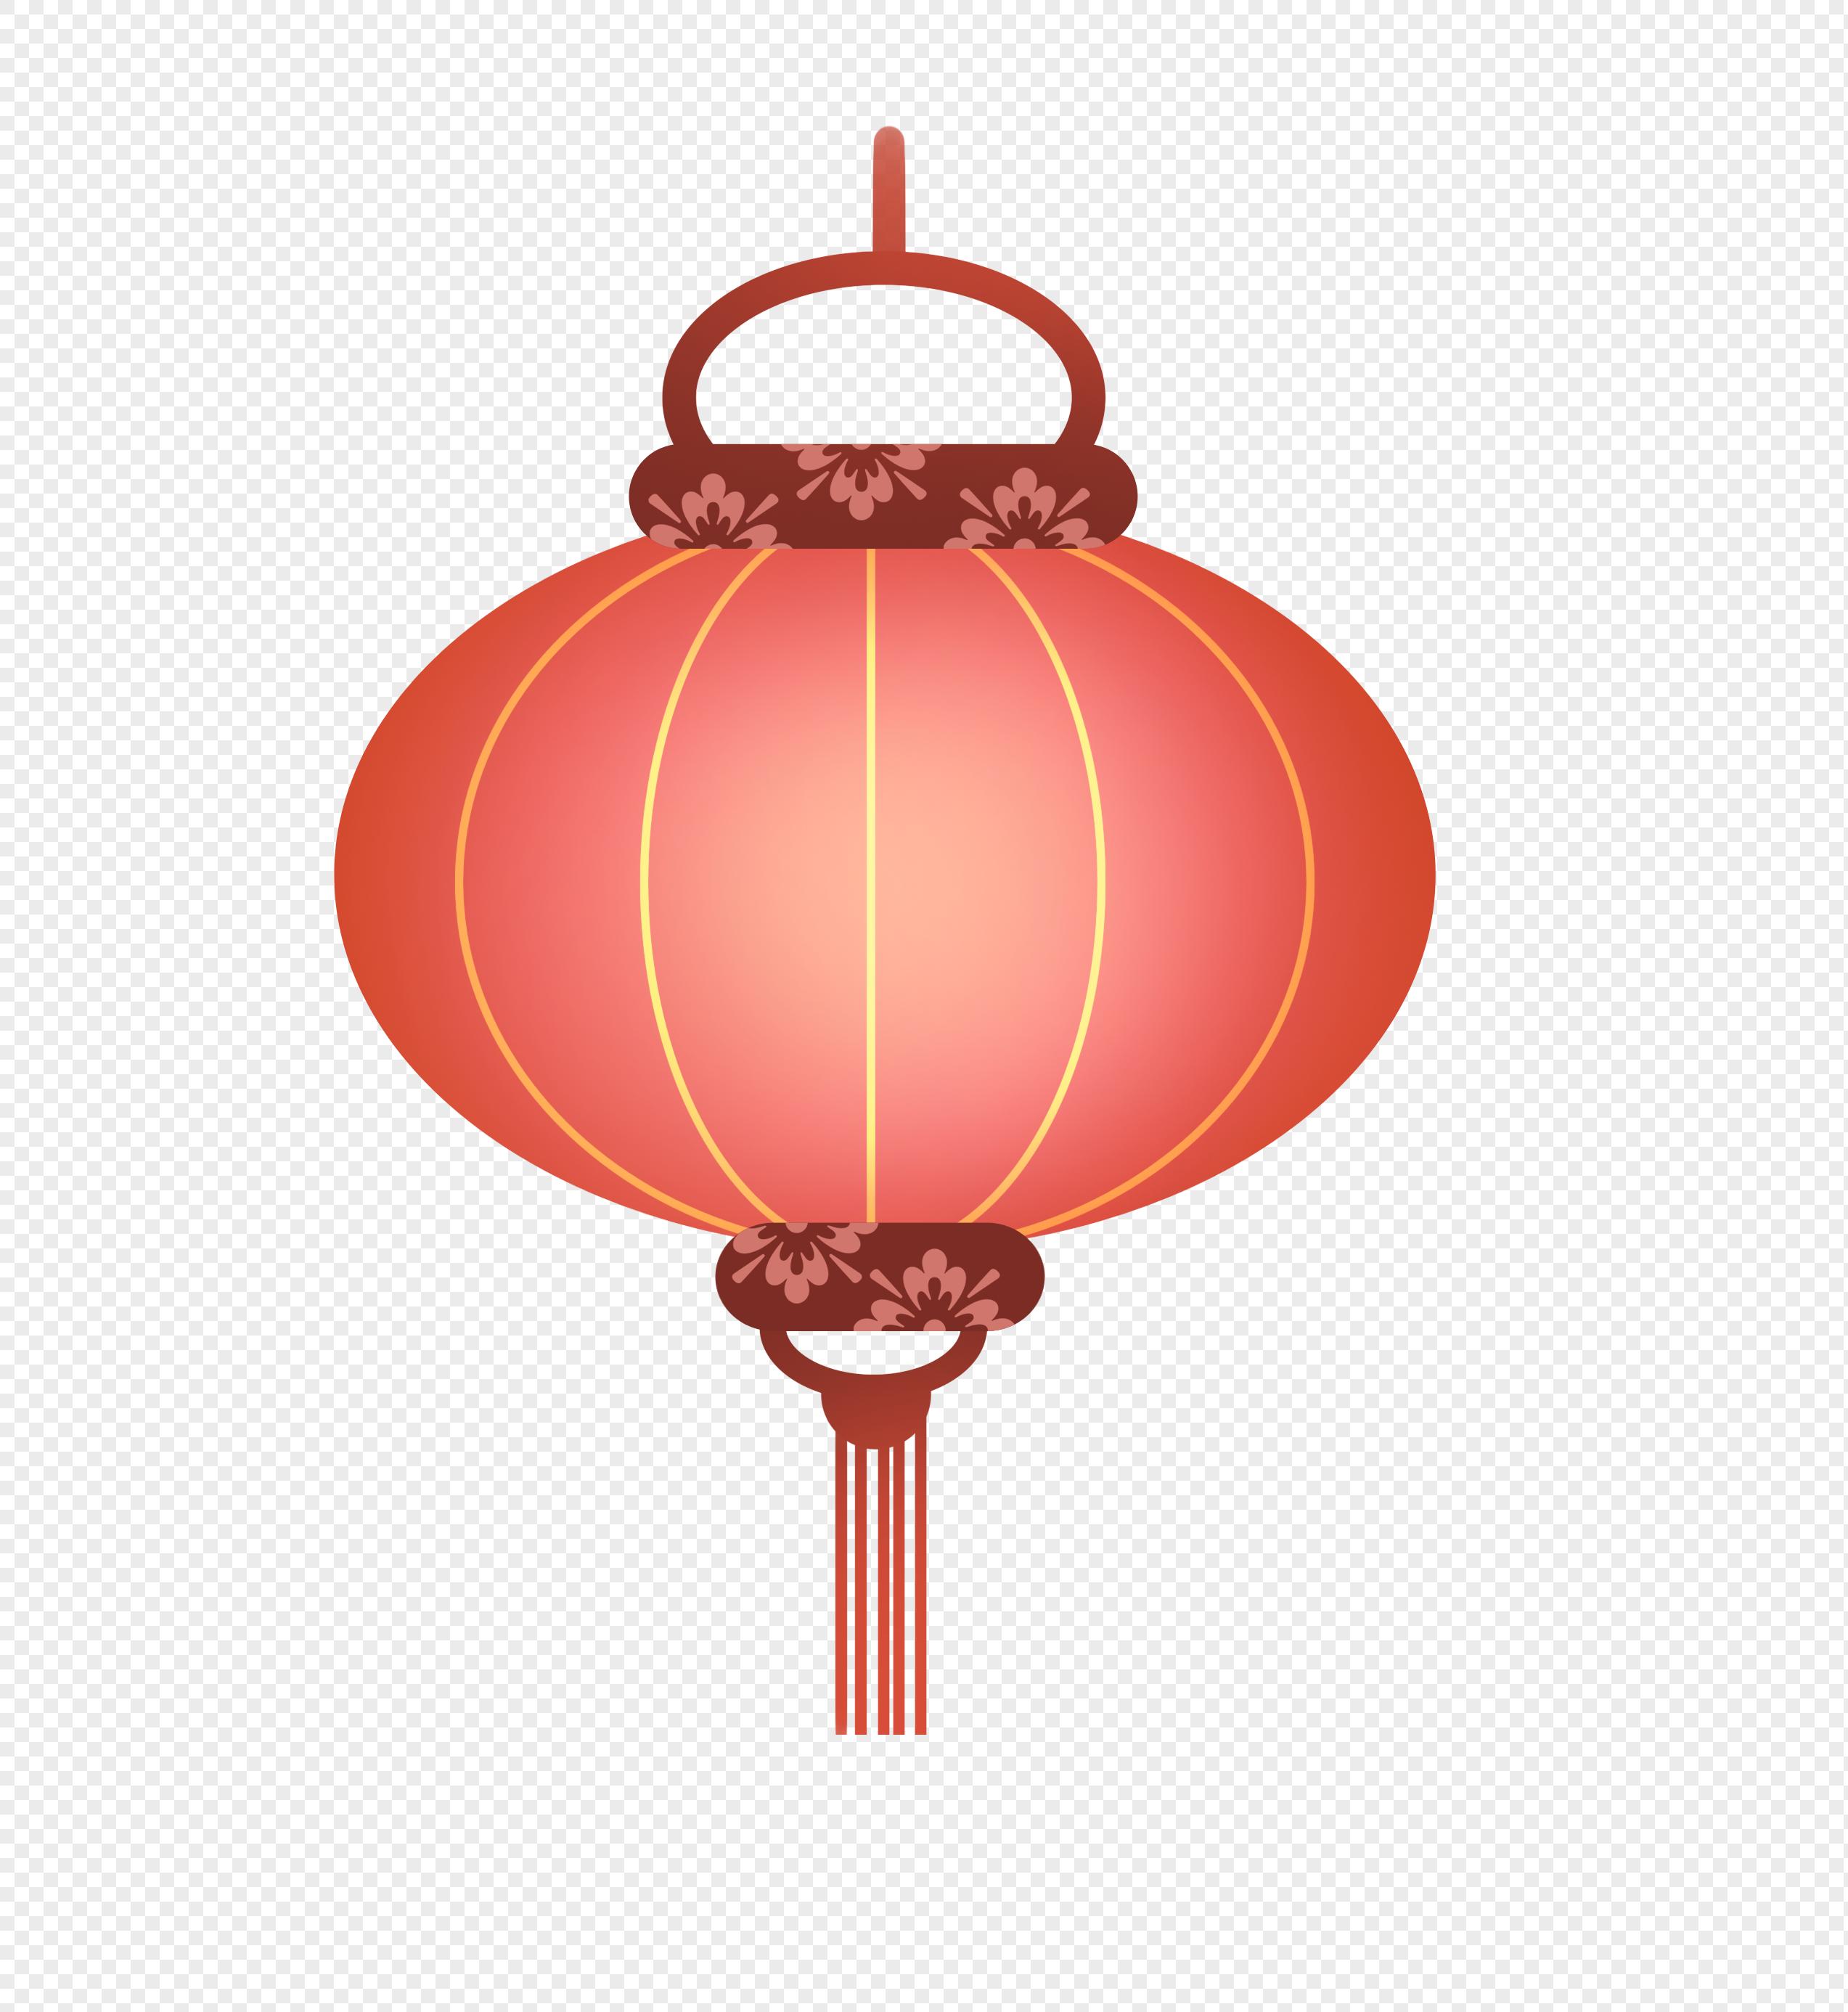 灯笼元素素材png格式_设计素材免费下载_vrf高清图片